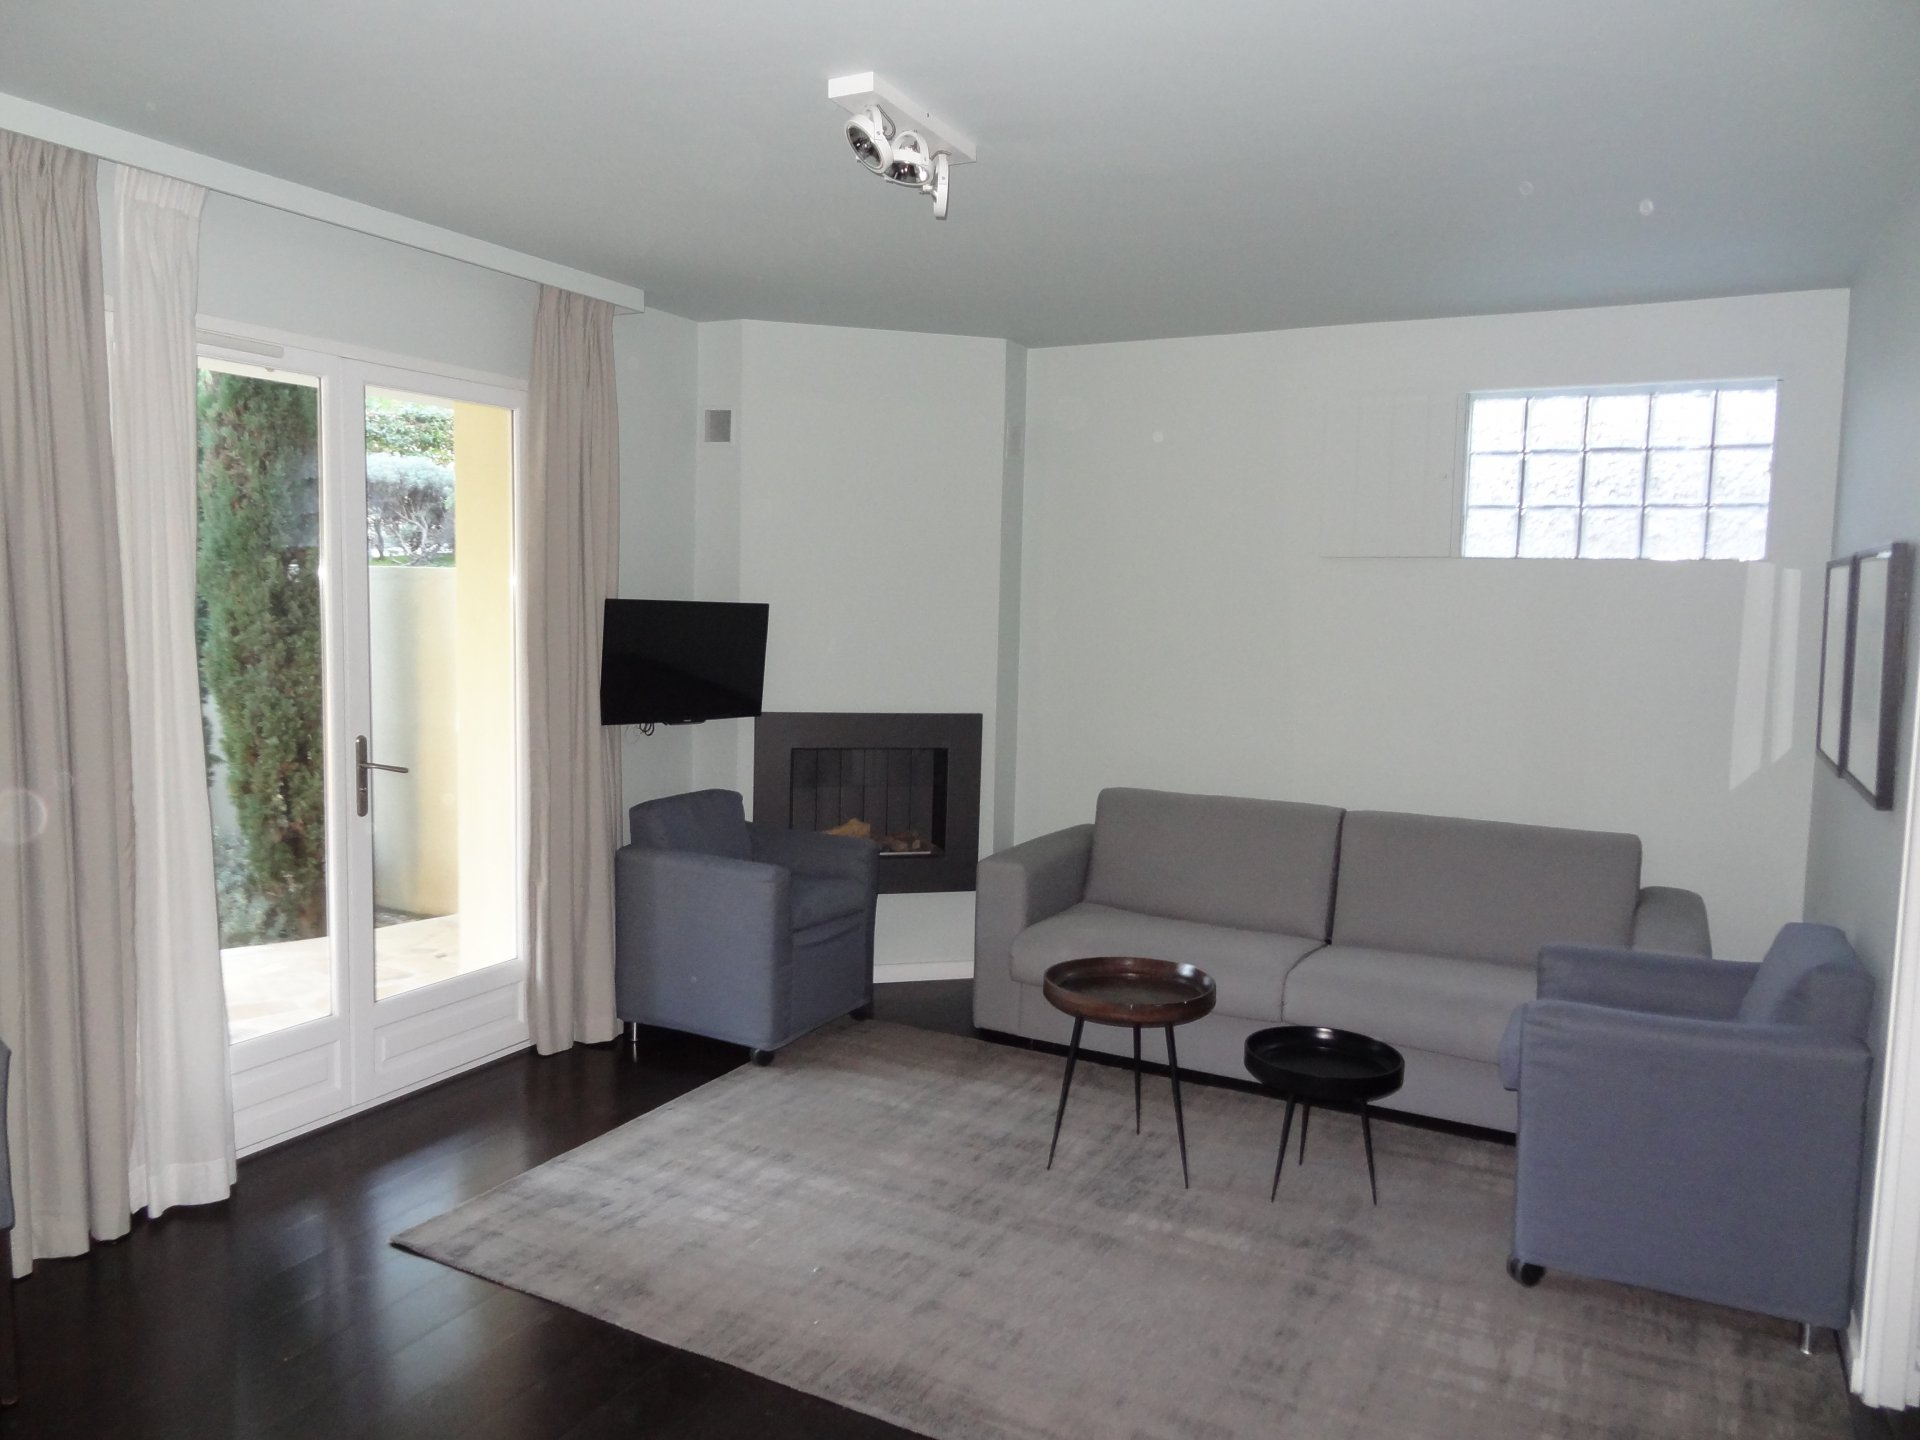 Sale Apartment - Cagnes-sur-Mer Haut-de-Cagnes